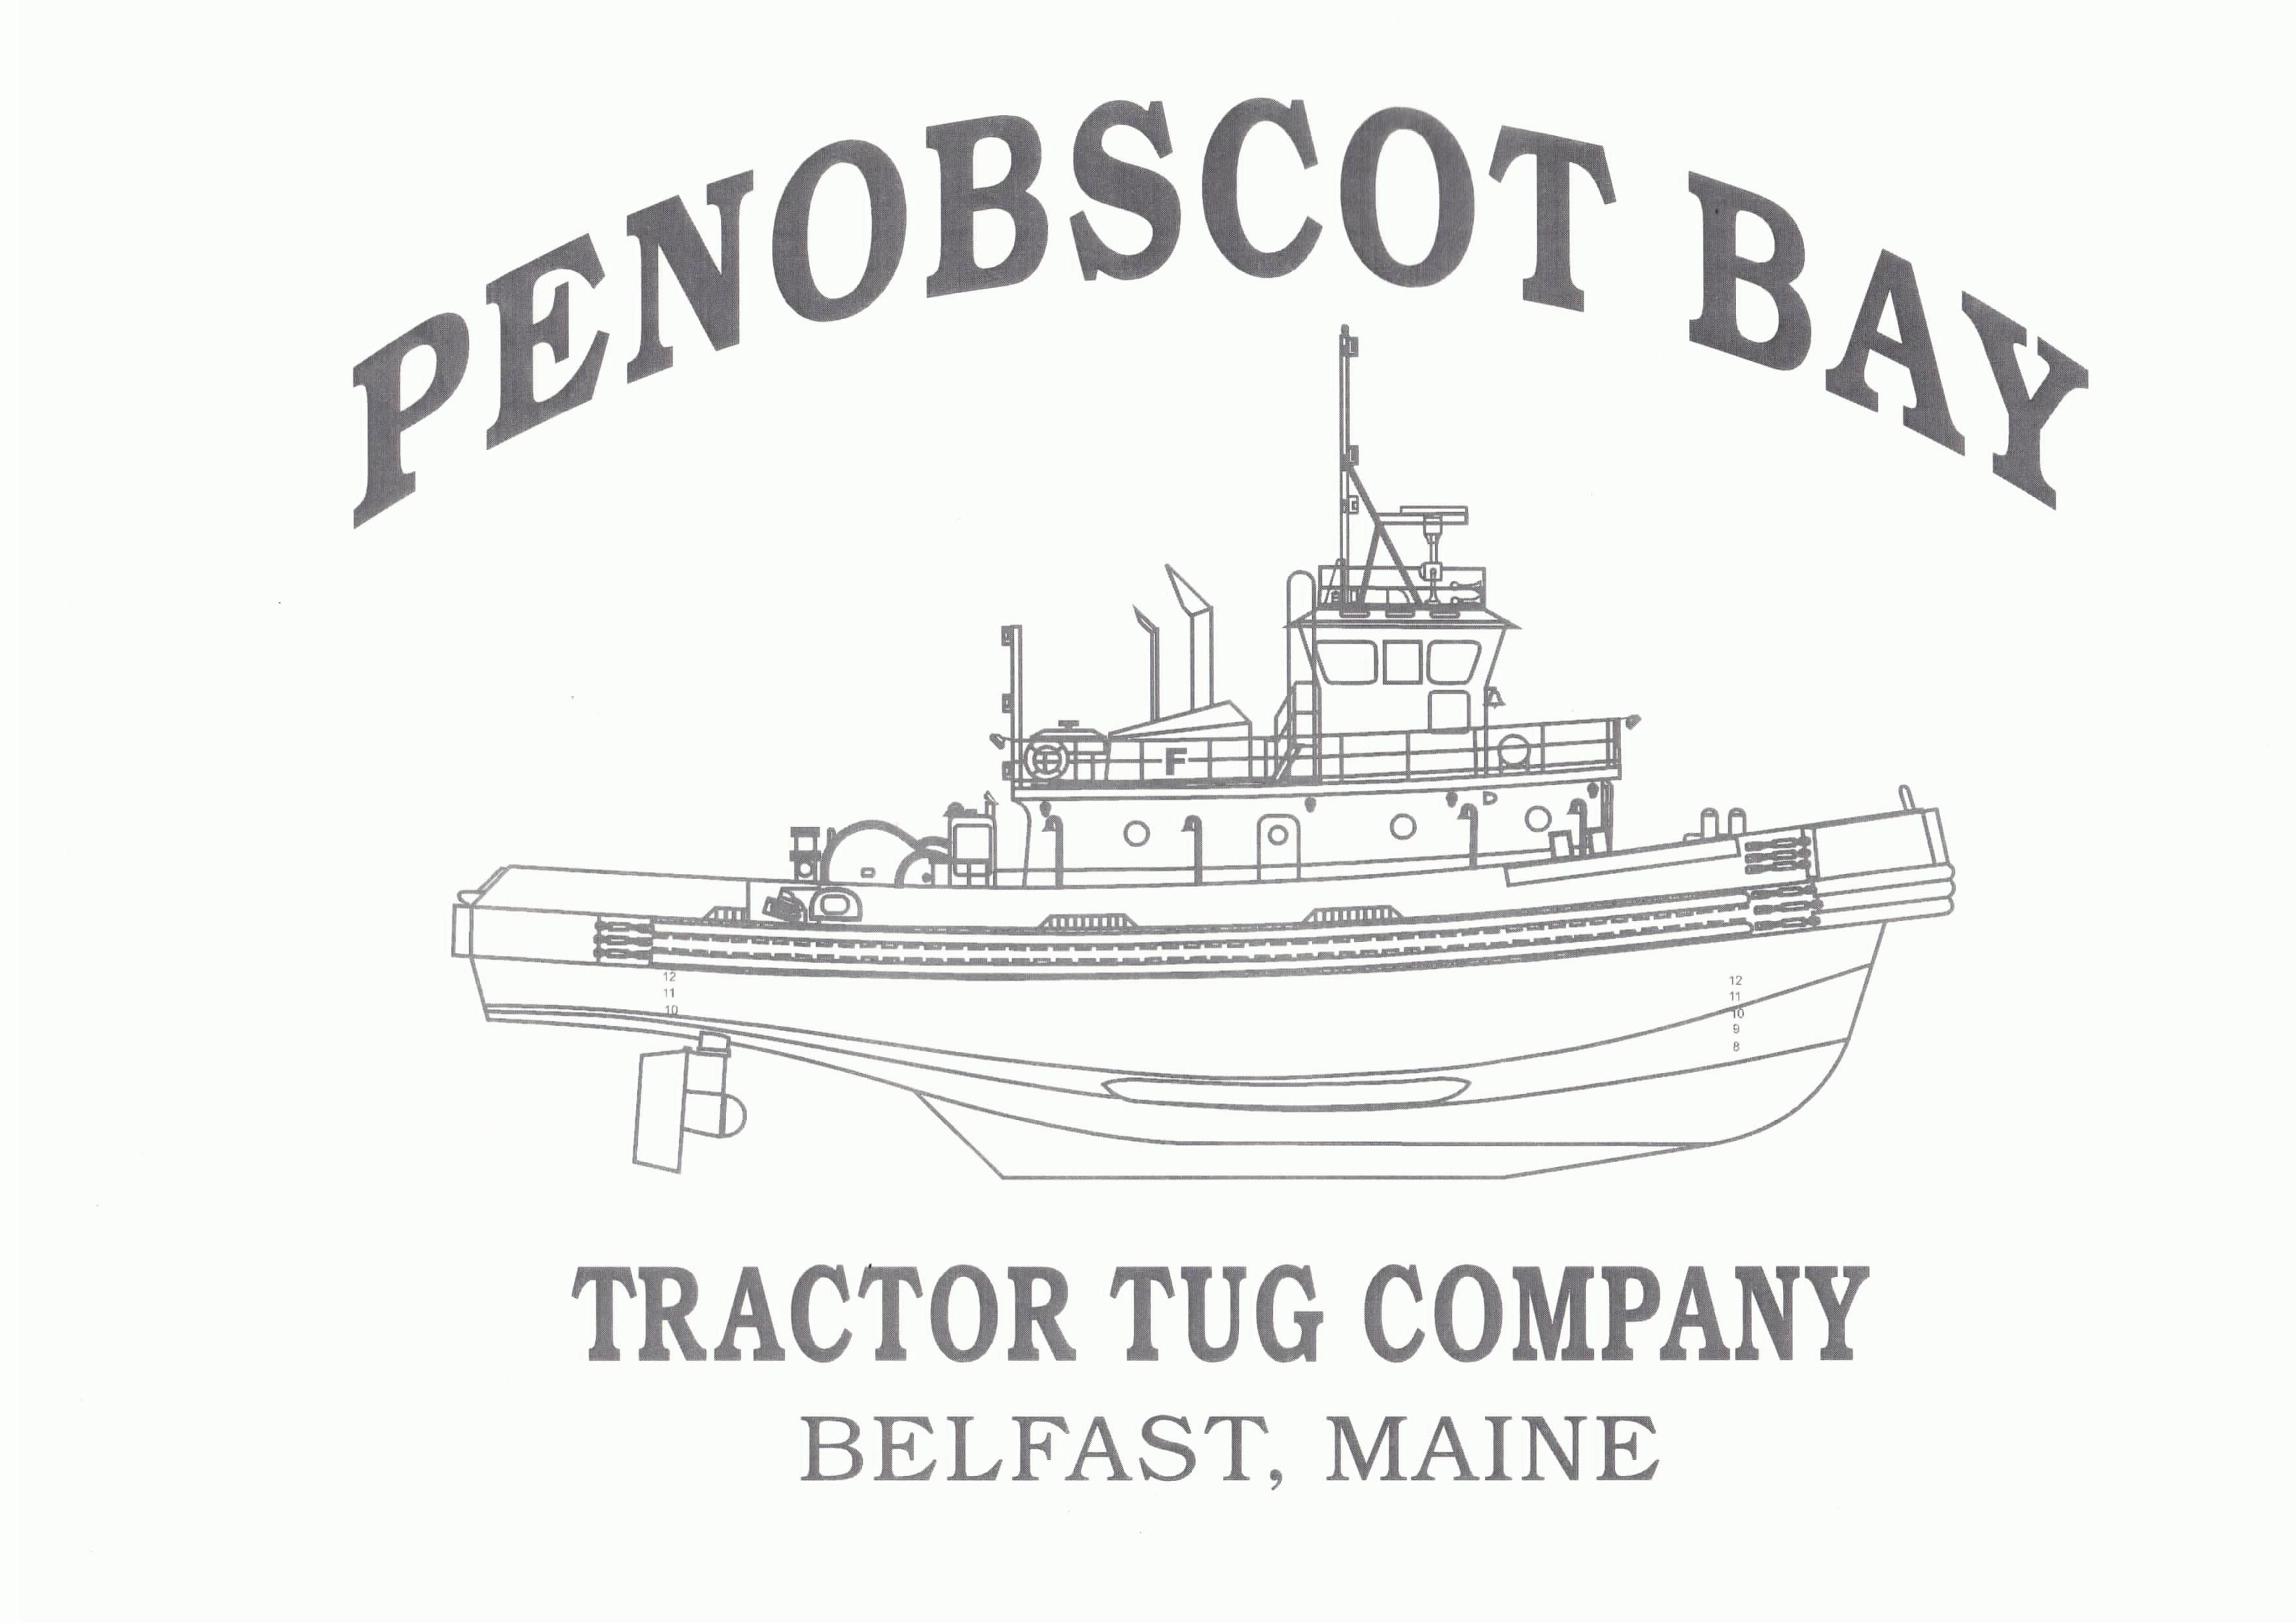 Penobscot Bay Tractor Tug Company